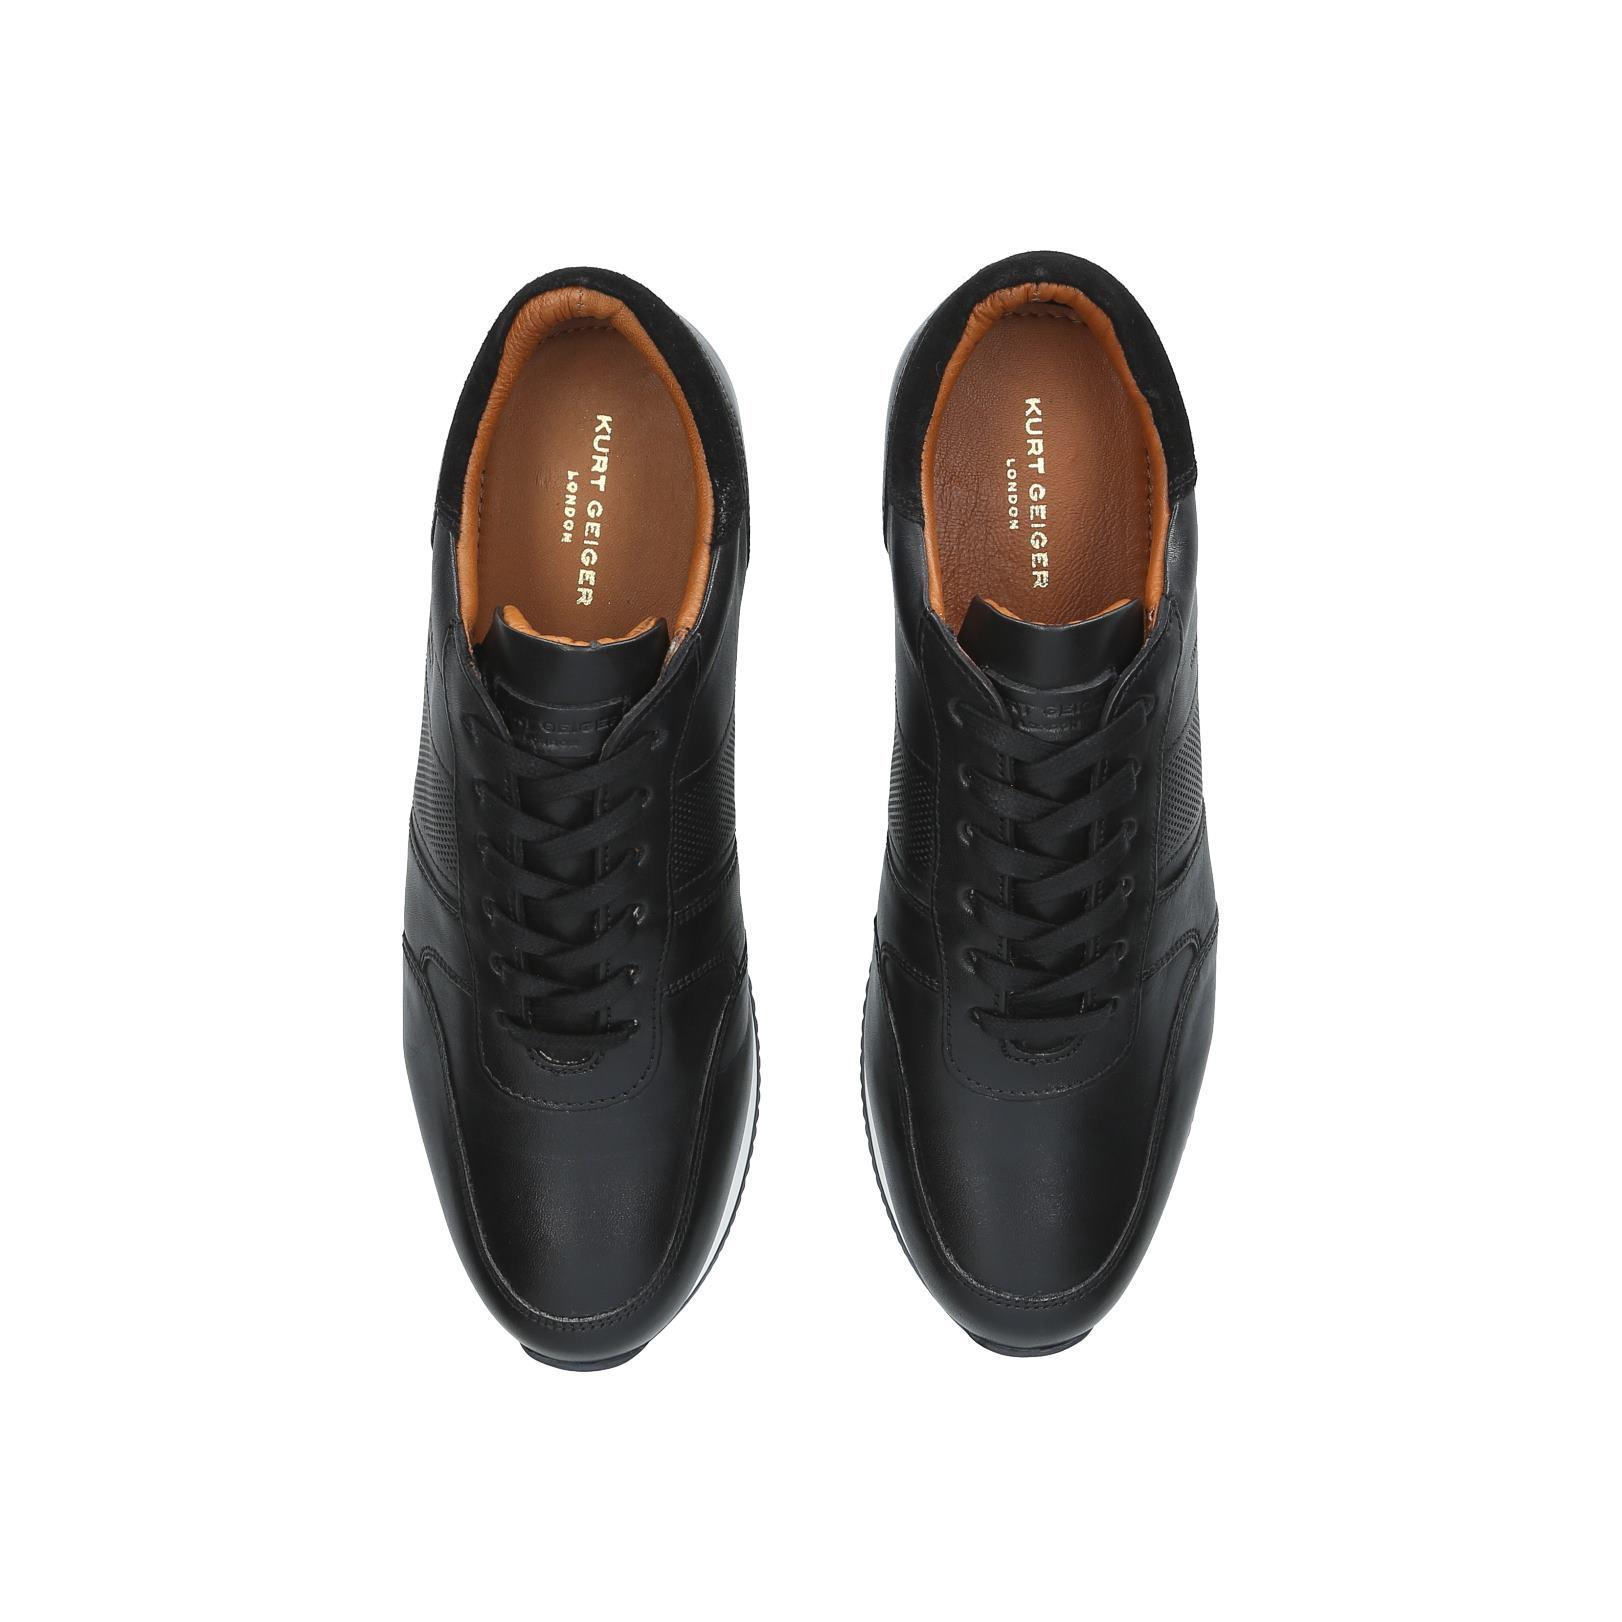 LUCAS RUNNER - KURT GEIGER LONDON Sneakers